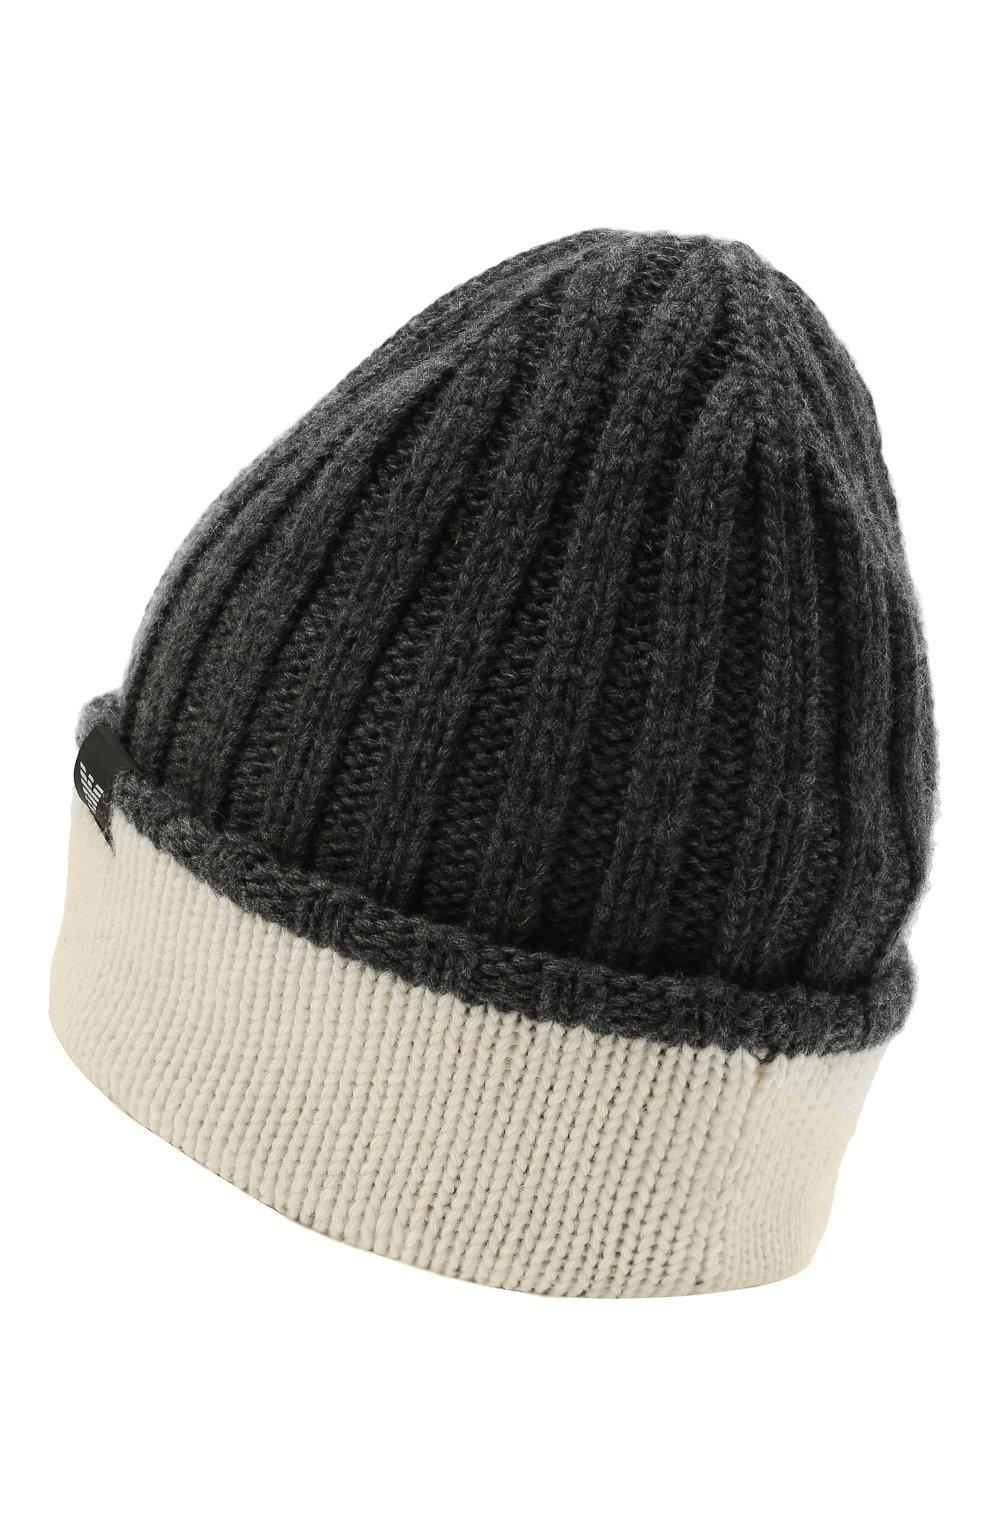 Детский комплект из шапки и шарфа EMPORIO ARMANI серого цвета, арт. 407515/1A767 | Фото 3 (Материал: Текстиль, Шерсть, Вискоза)